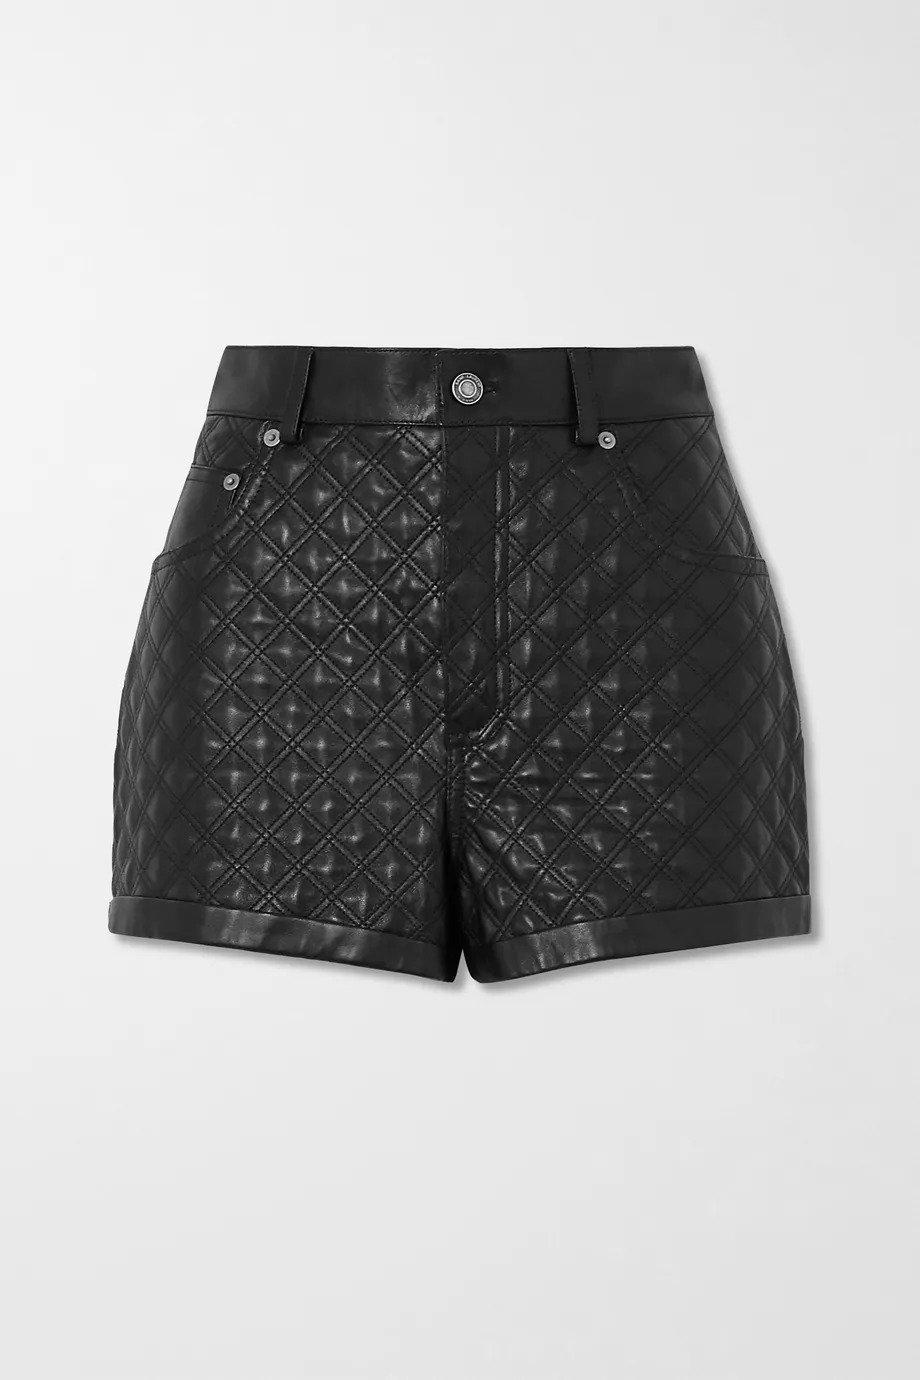 SAINT LAURENT, Quilted padded leather shorts, от 5062лв на 2531лв